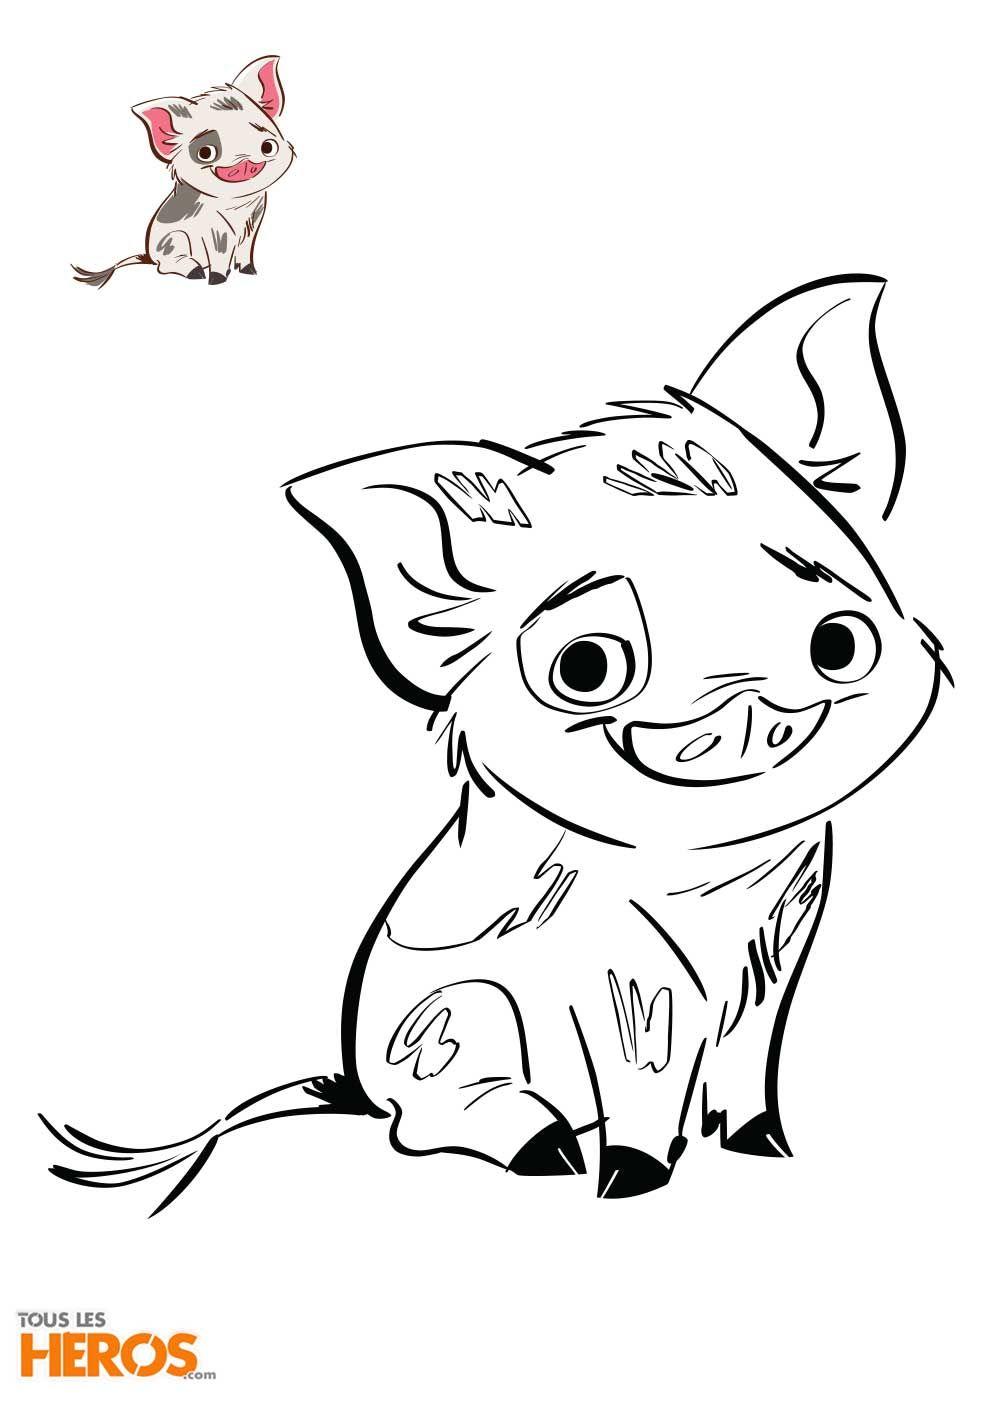 Le petit cochon dans le film Vaiana  colorier